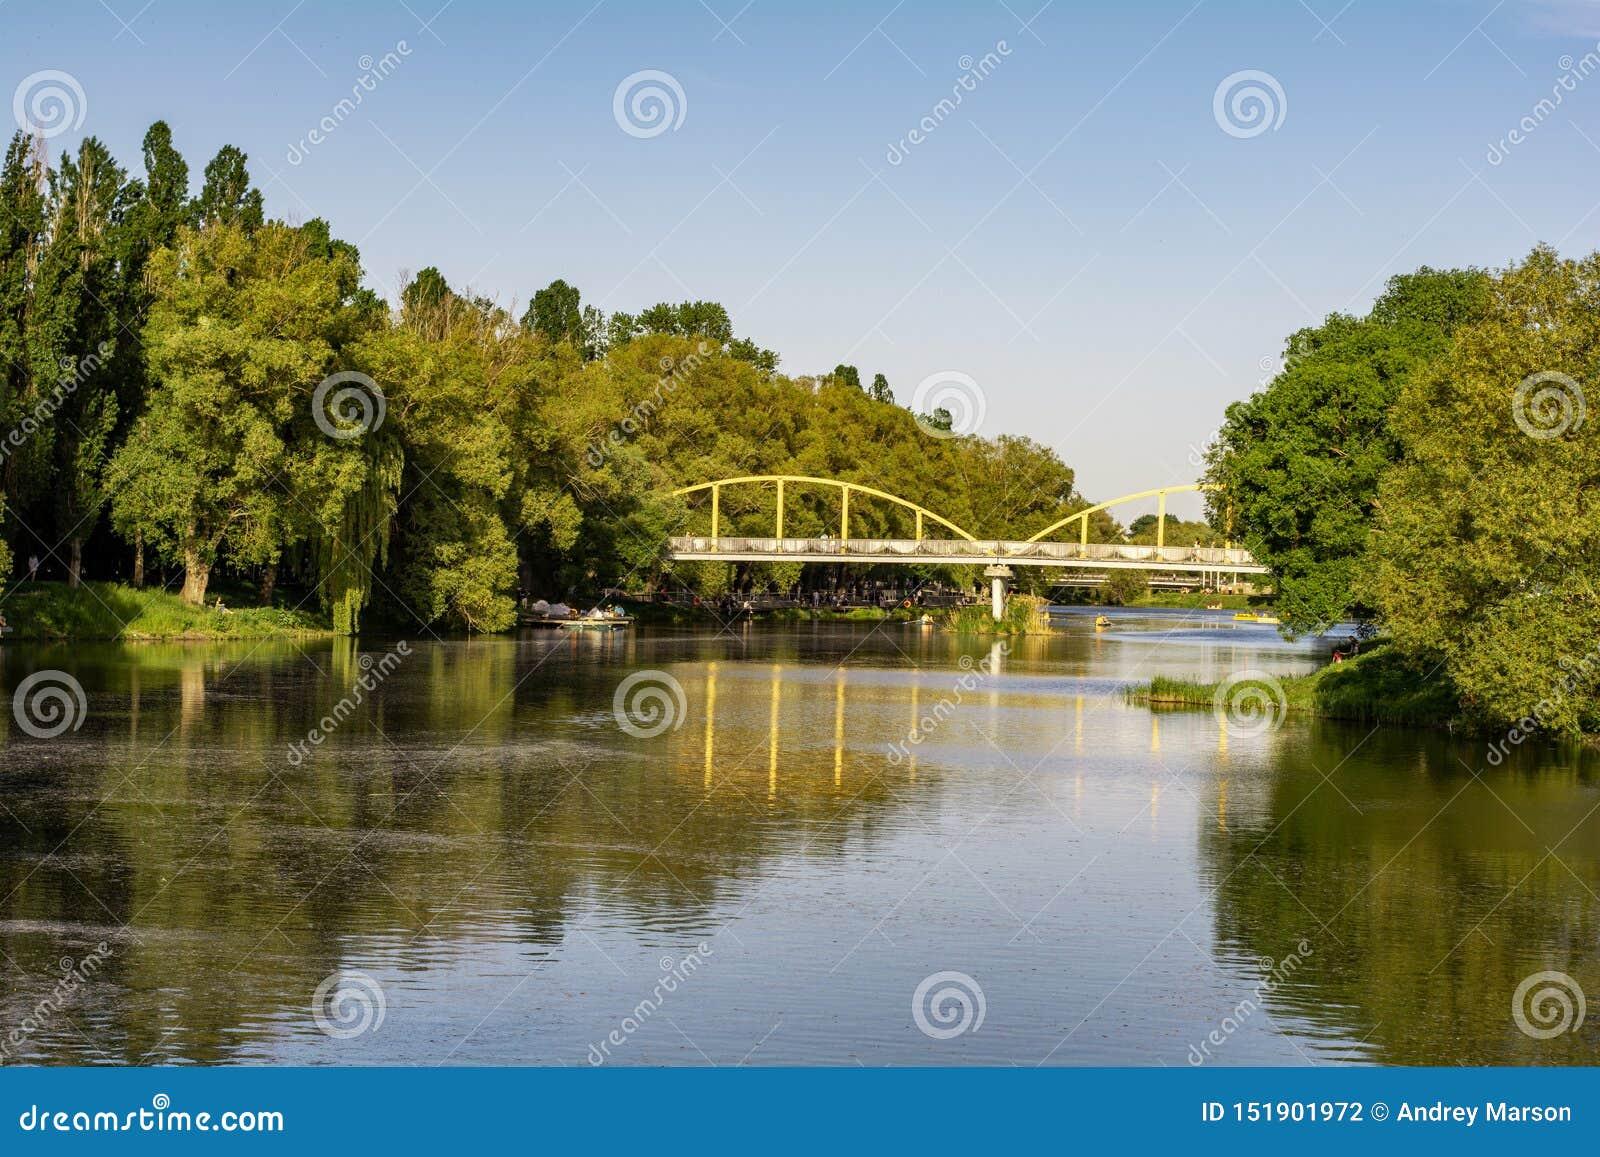 Parque verde com árvores e rio Feriado ensolarado